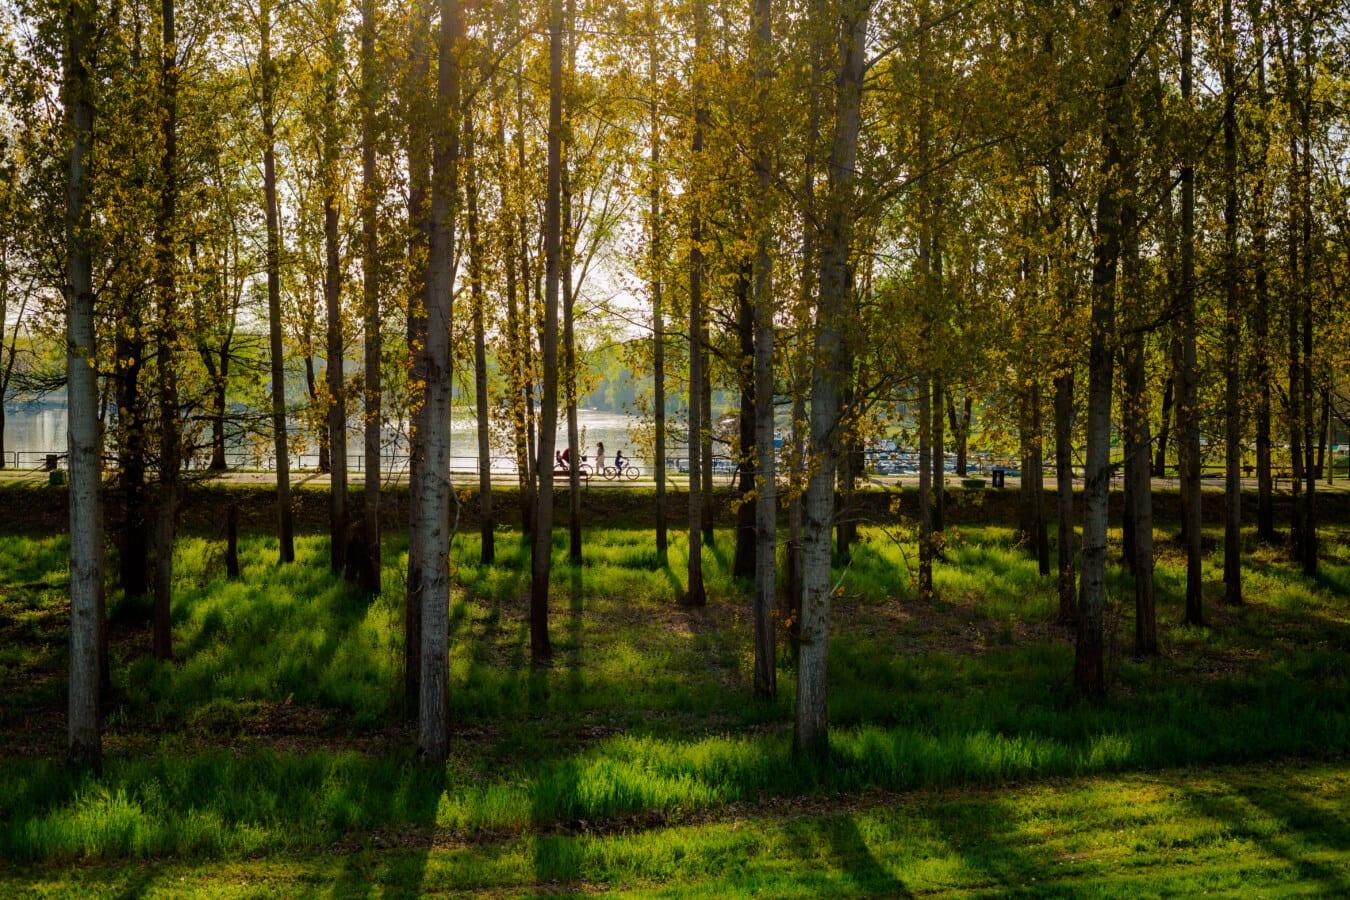 forêt, zone de villégiature, lumière du soleil, ombre, peuplier, ruelle, arbre, arbres, bois, parc